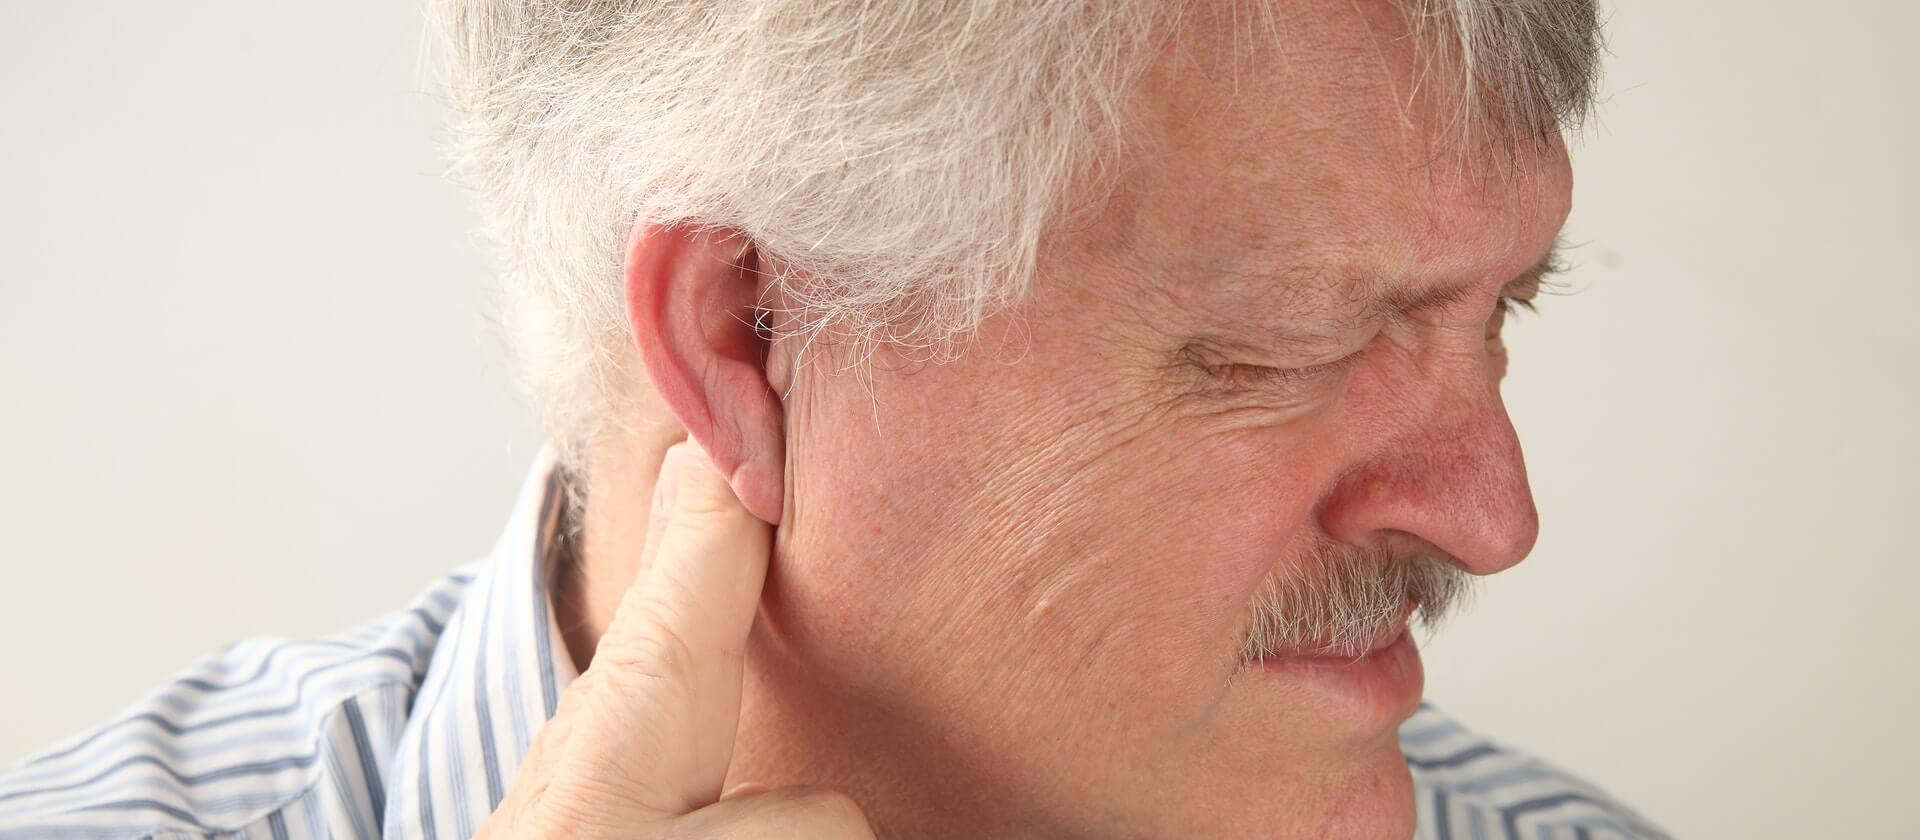 Боль за ухом: виды, причины появления, методы лечения